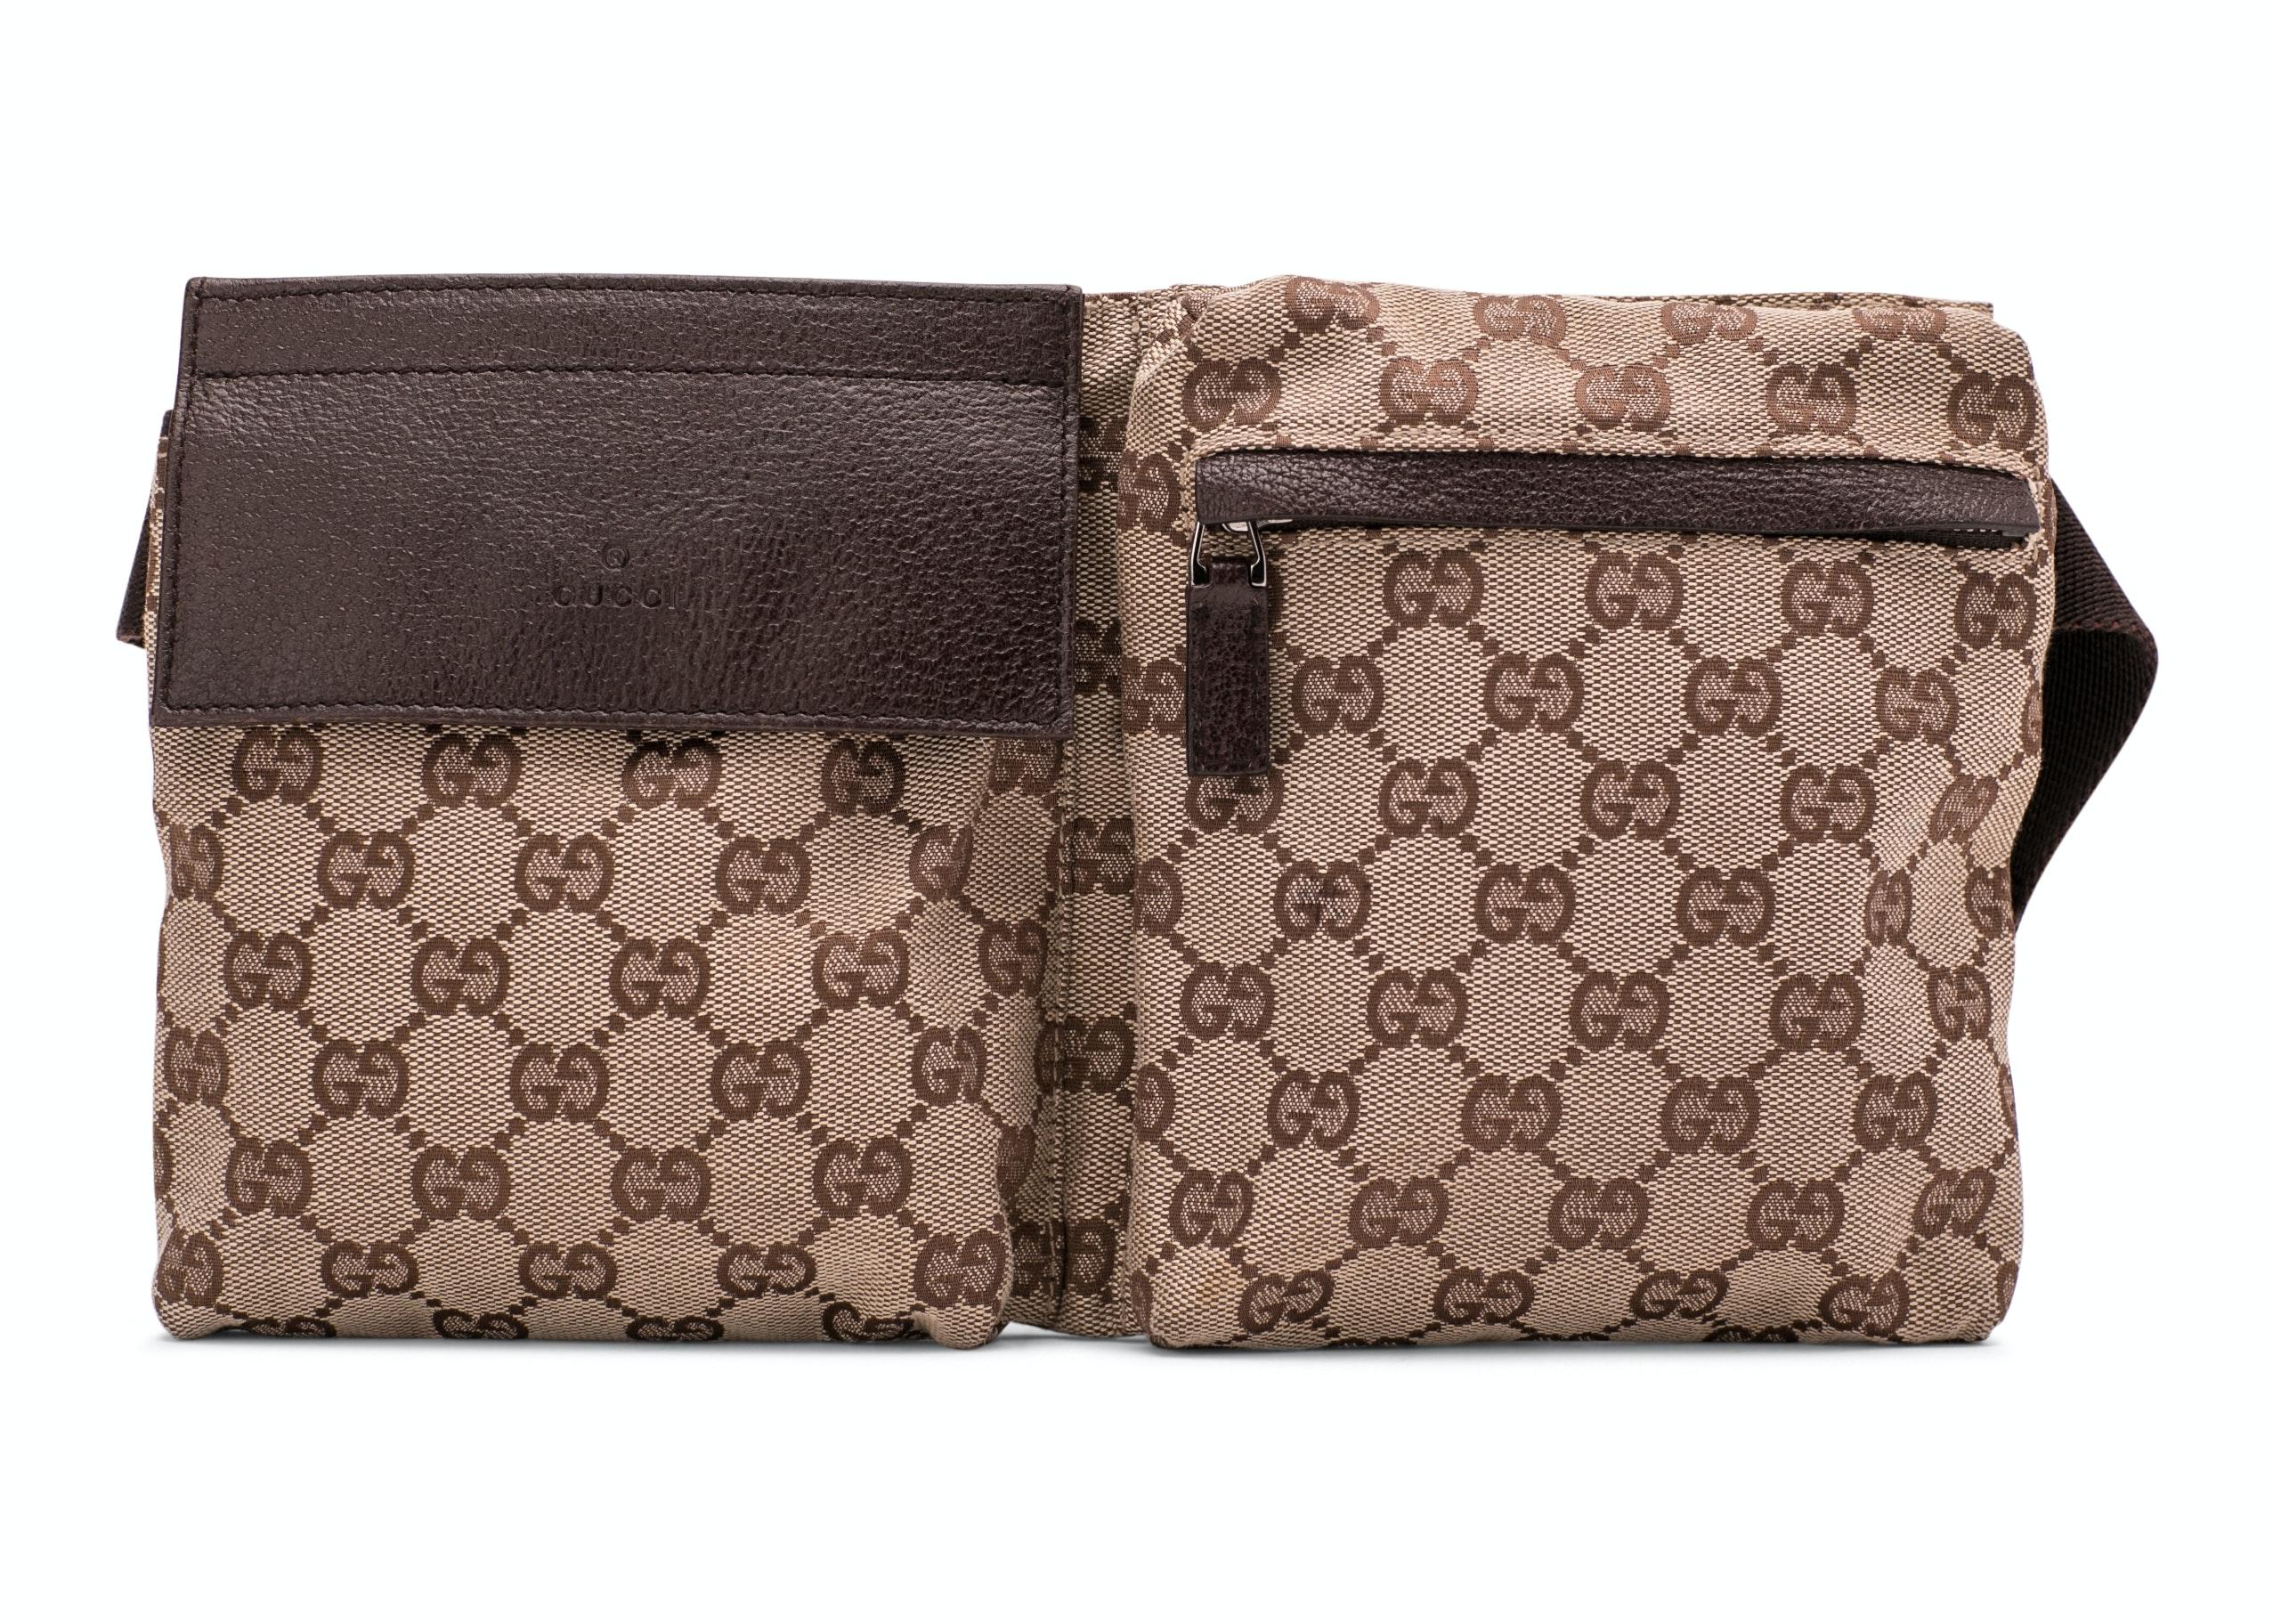 Gucci Waist Bag GG Canvas Brown